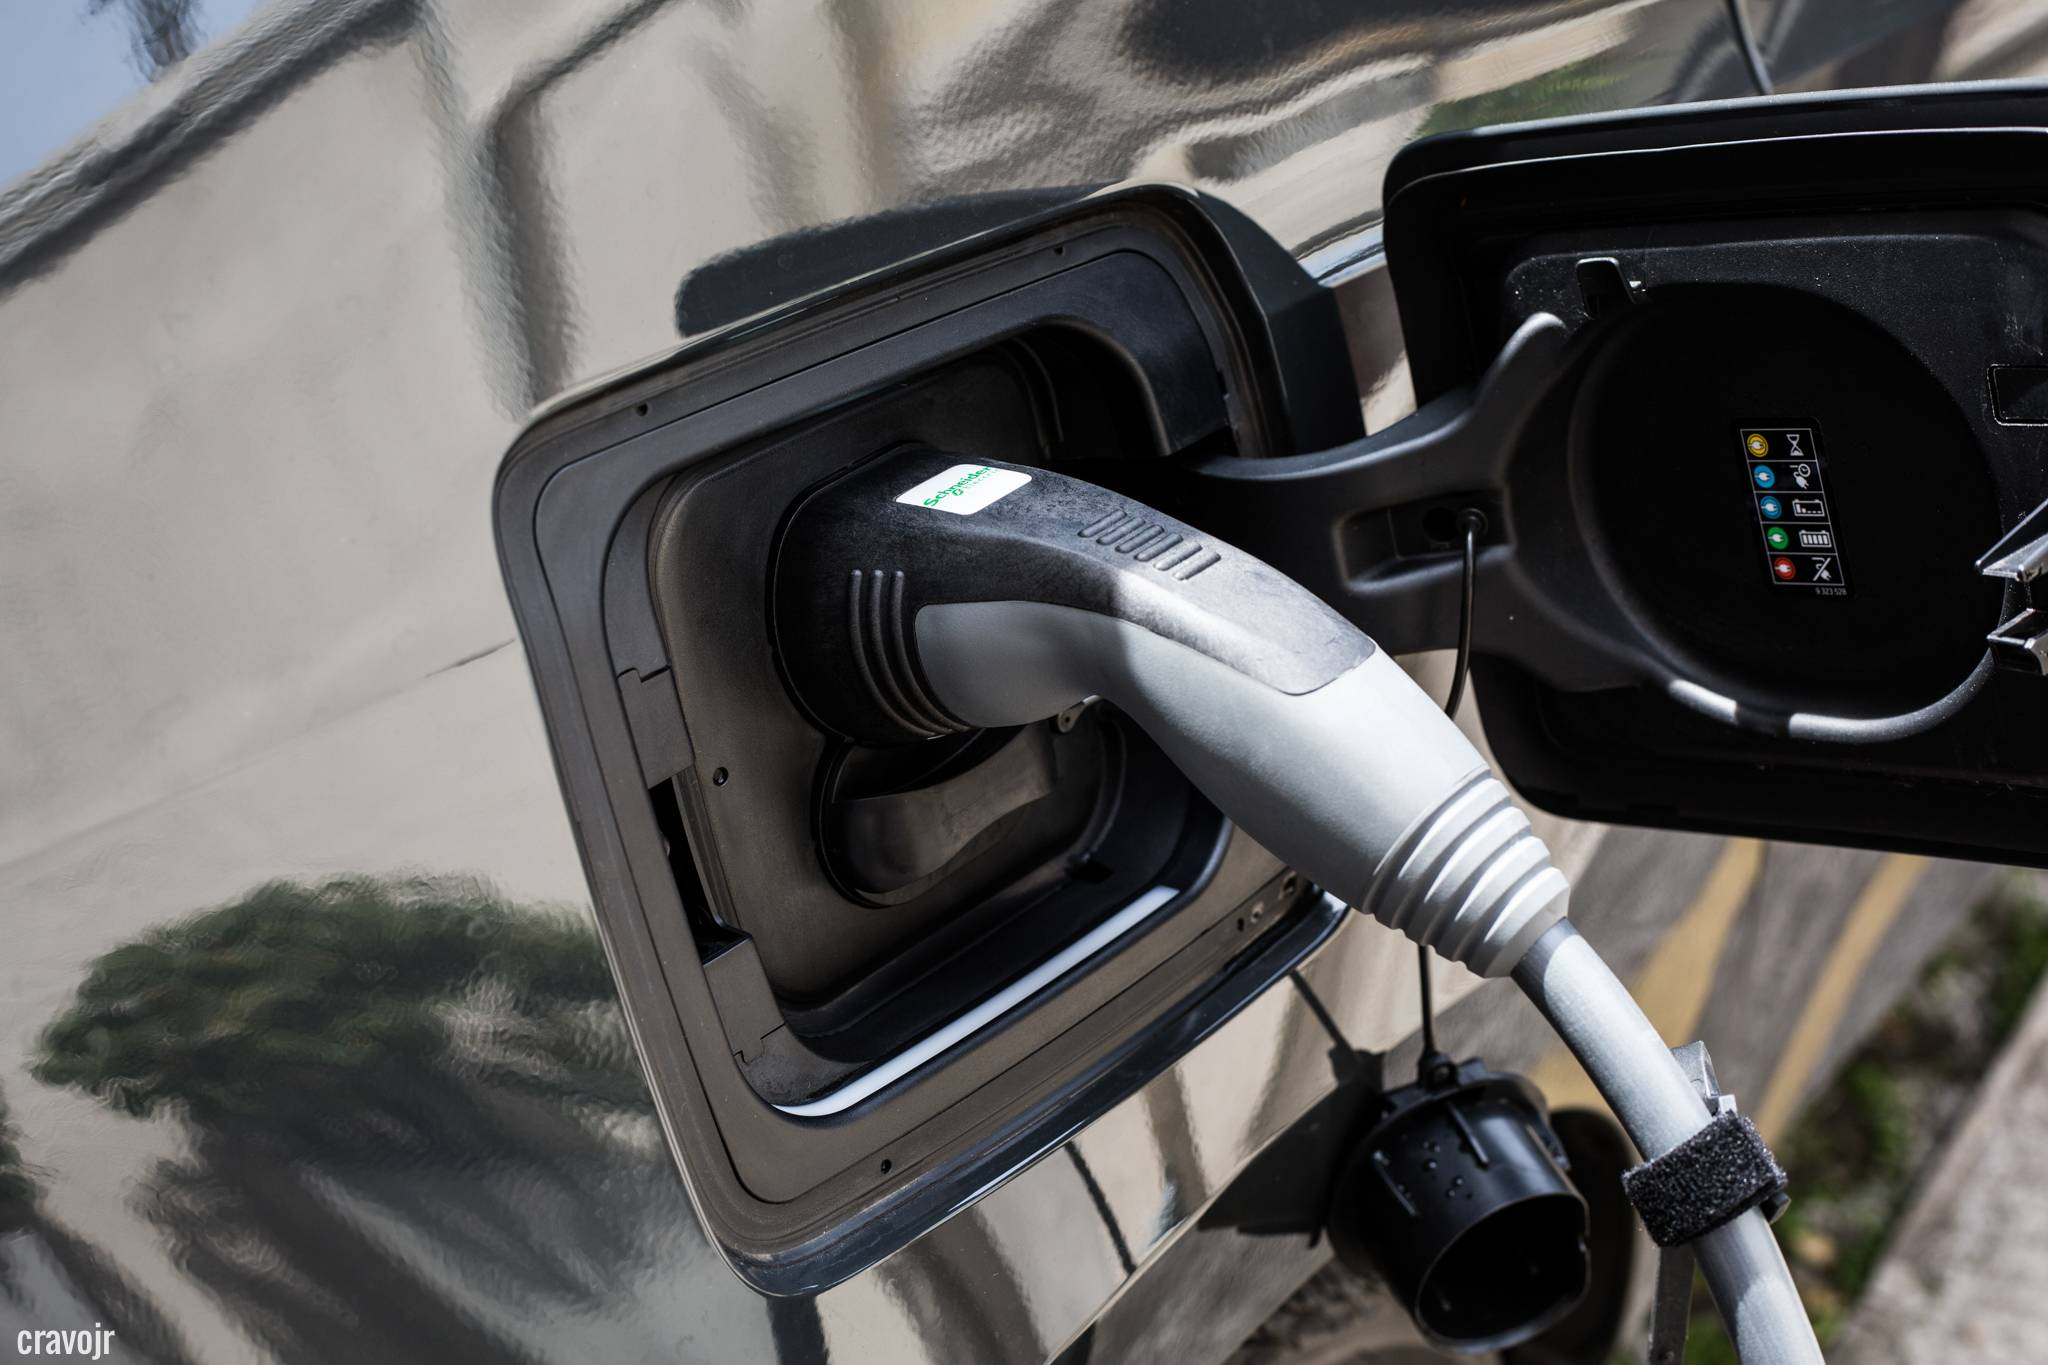 Cabo para carregador de carro elétrico conectado